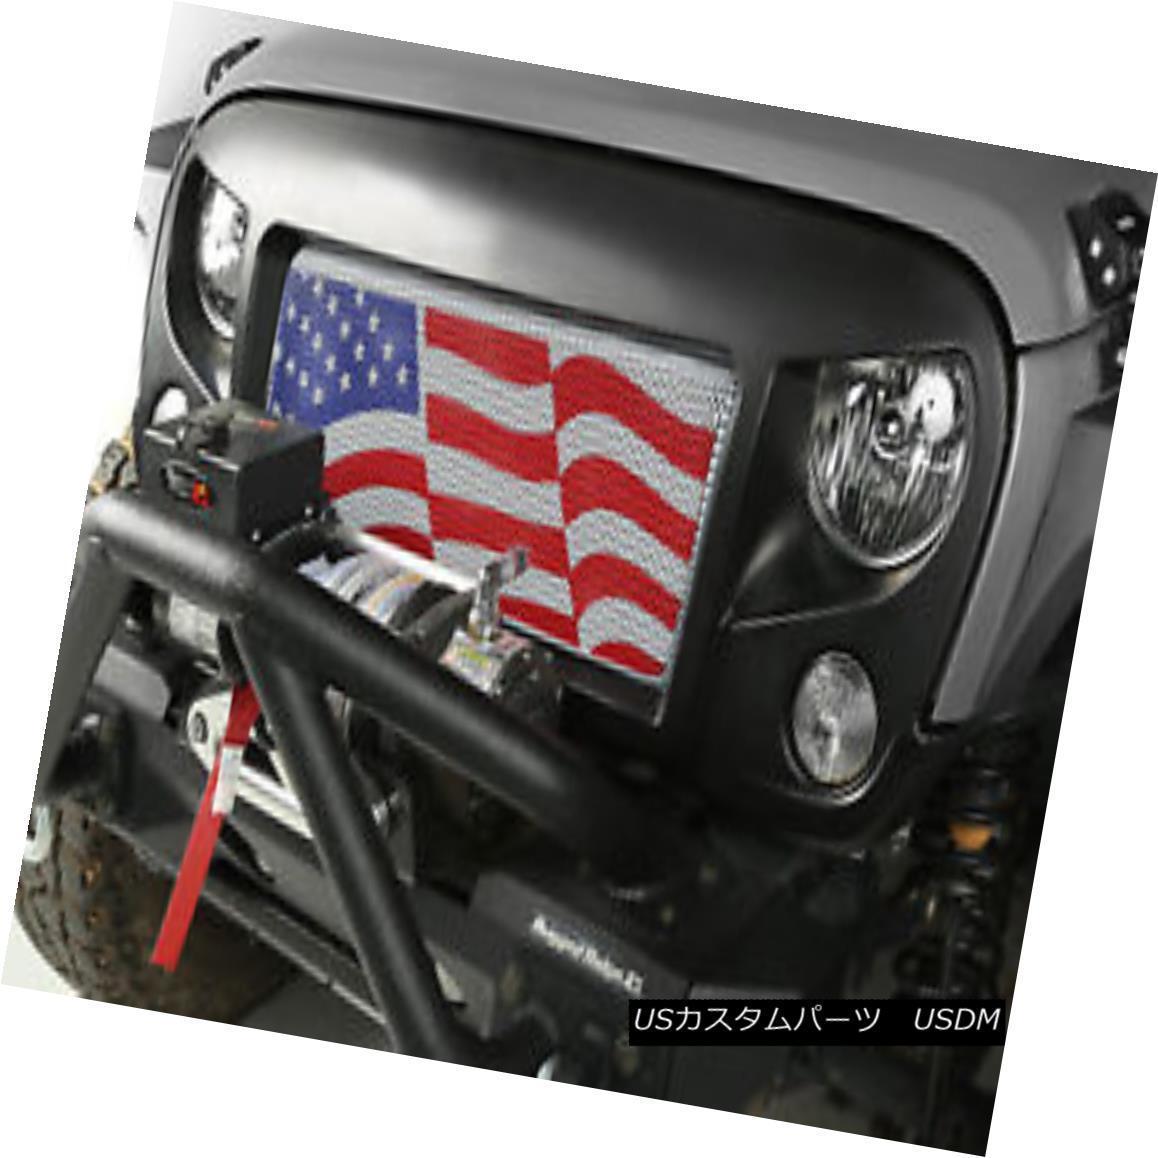 Kit, JK Jeep スパルタングリルキット、アメリカンフラッグ; Grille Spartan American 07-18ジープラングラーJK 07-18 Flag; Wrangler グリル